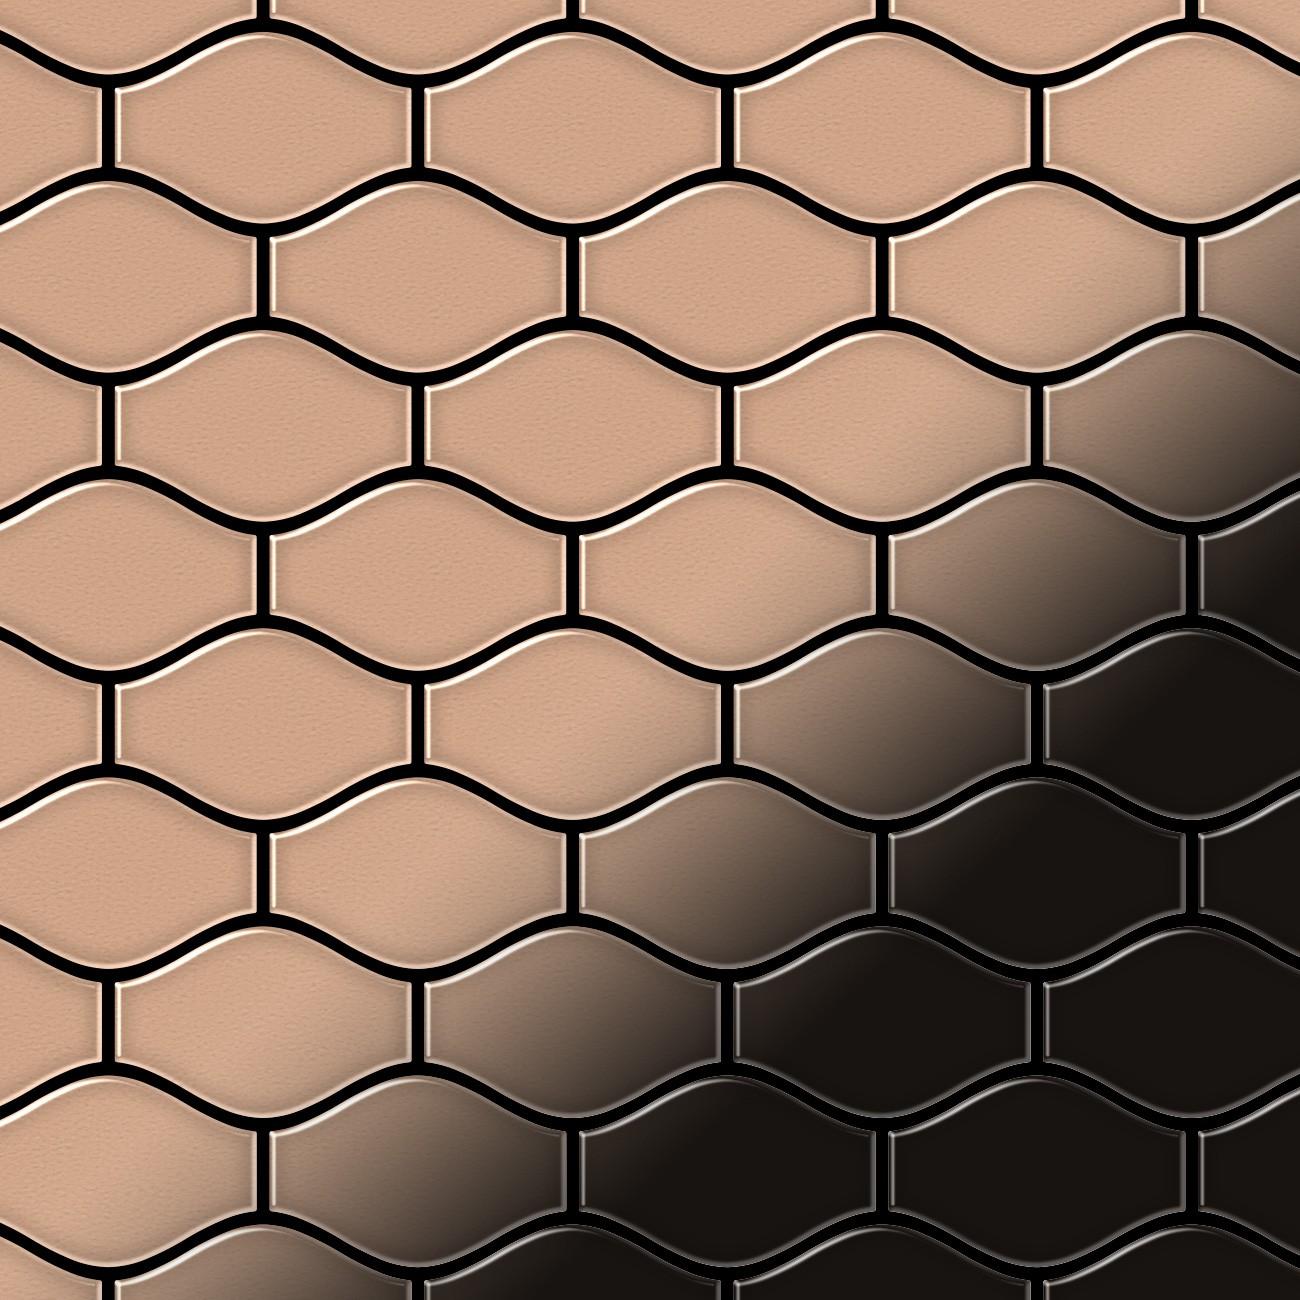 mosaik fliese massiv metall kupfer gewalzt in kupfer 1 6mm stark alloy karma cm designed by. Black Bedroom Furniture Sets. Home Design Ideas